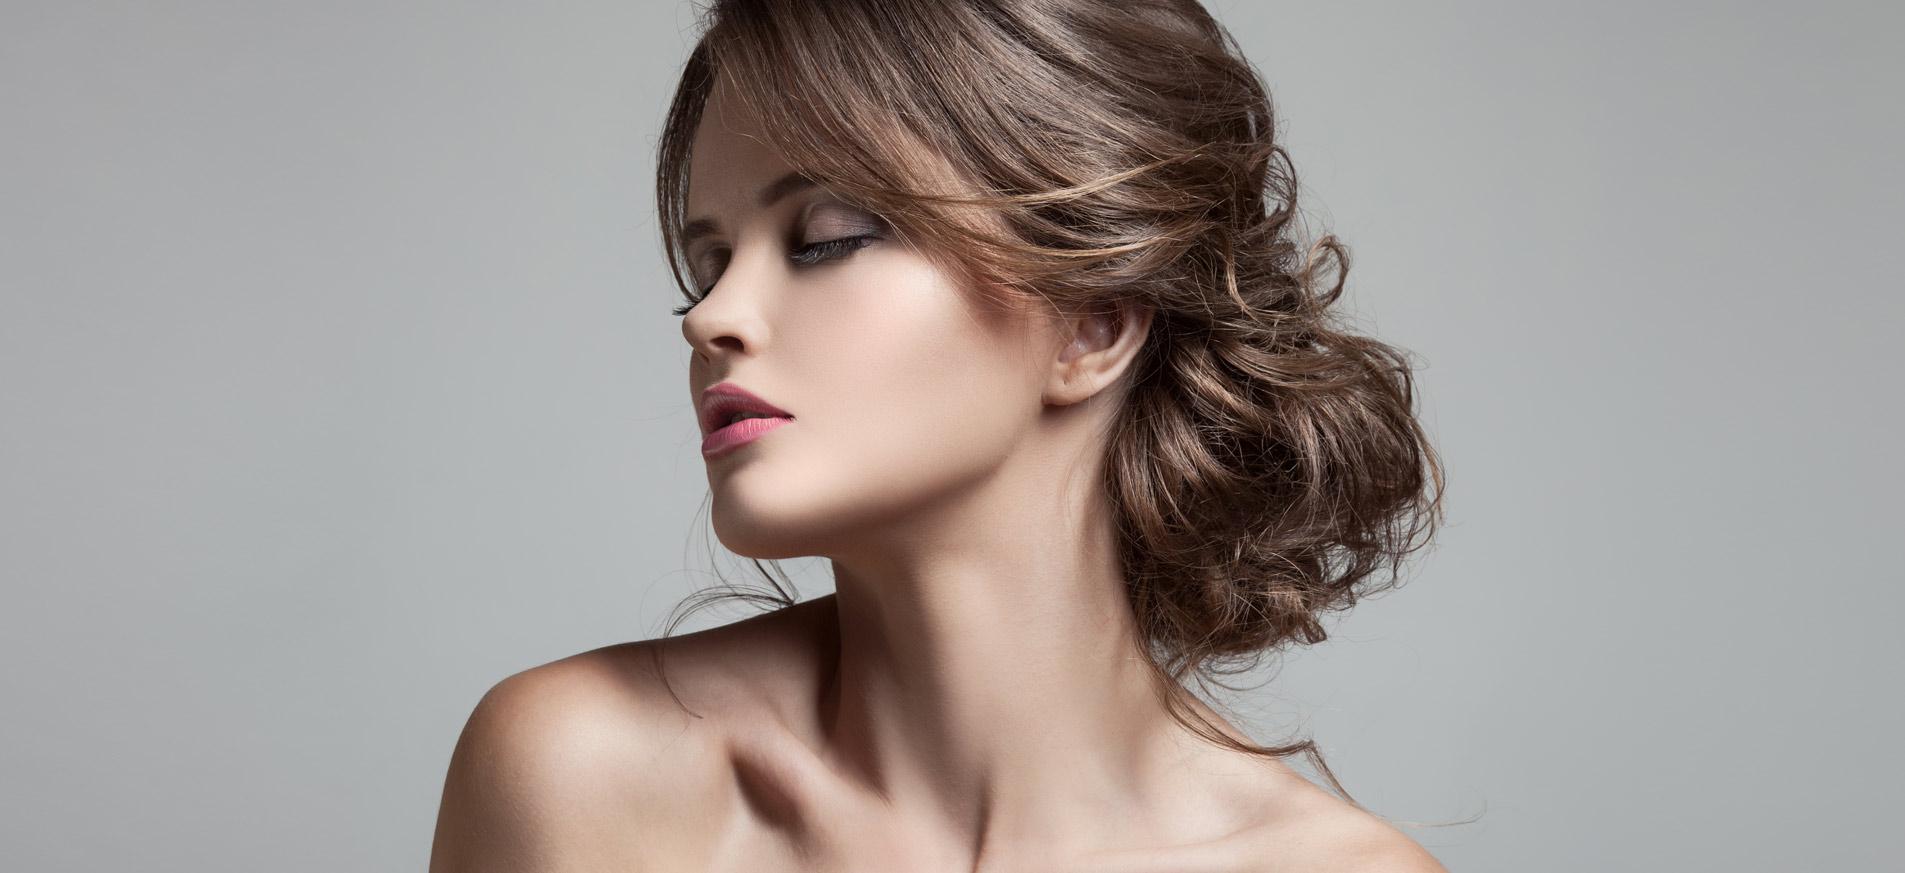 Atrevido y bonito peinados navidad Colección de tendencias de color de pelo - Peinados para Navidad - Alisado Definitivo